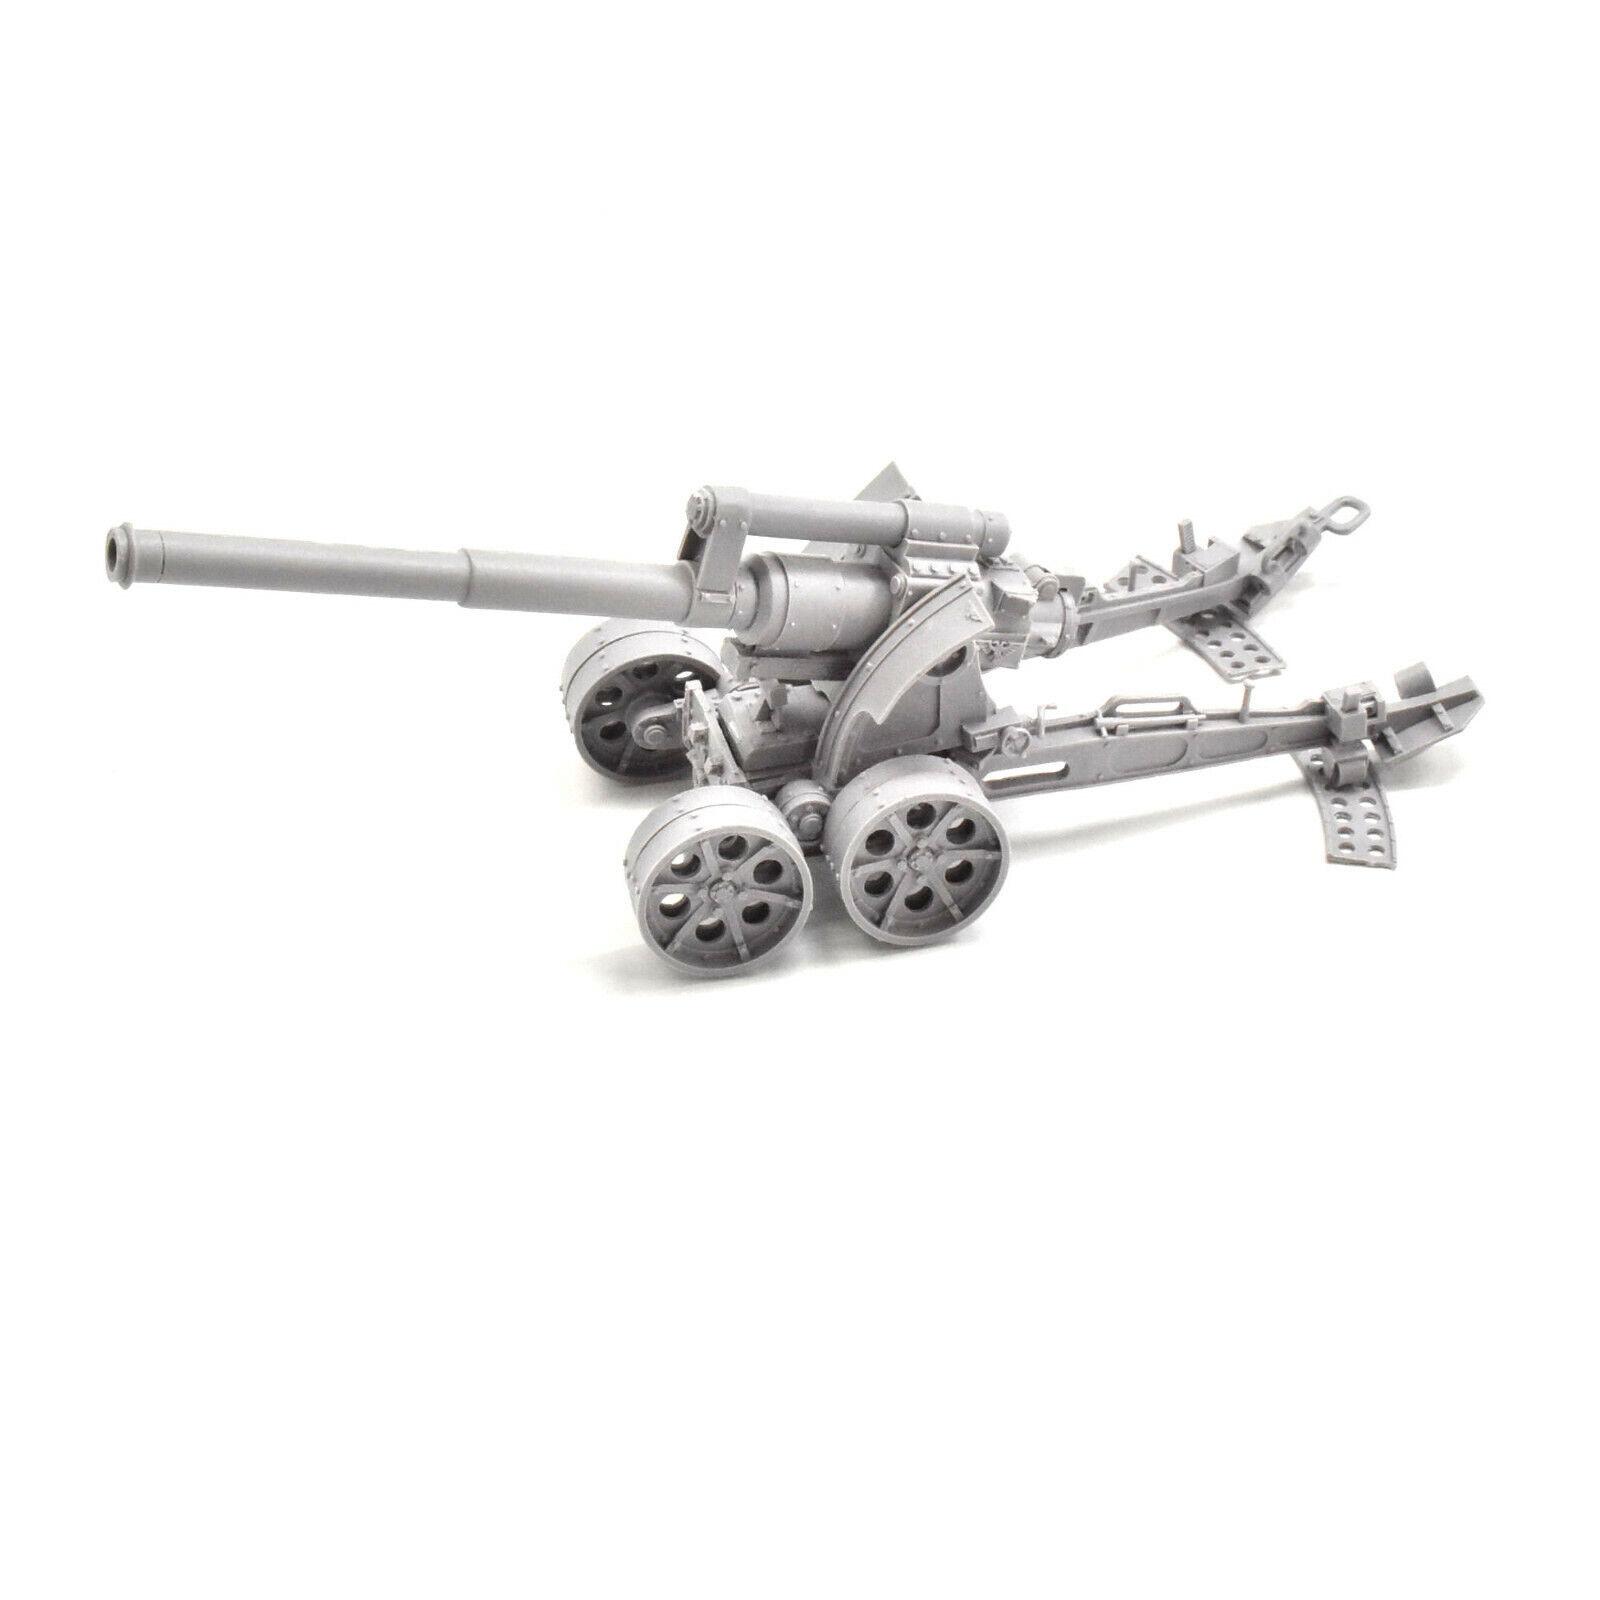 ASTRA MILITARUME Zware artillerie Vervoer met aardeschudkanon Forge wereld